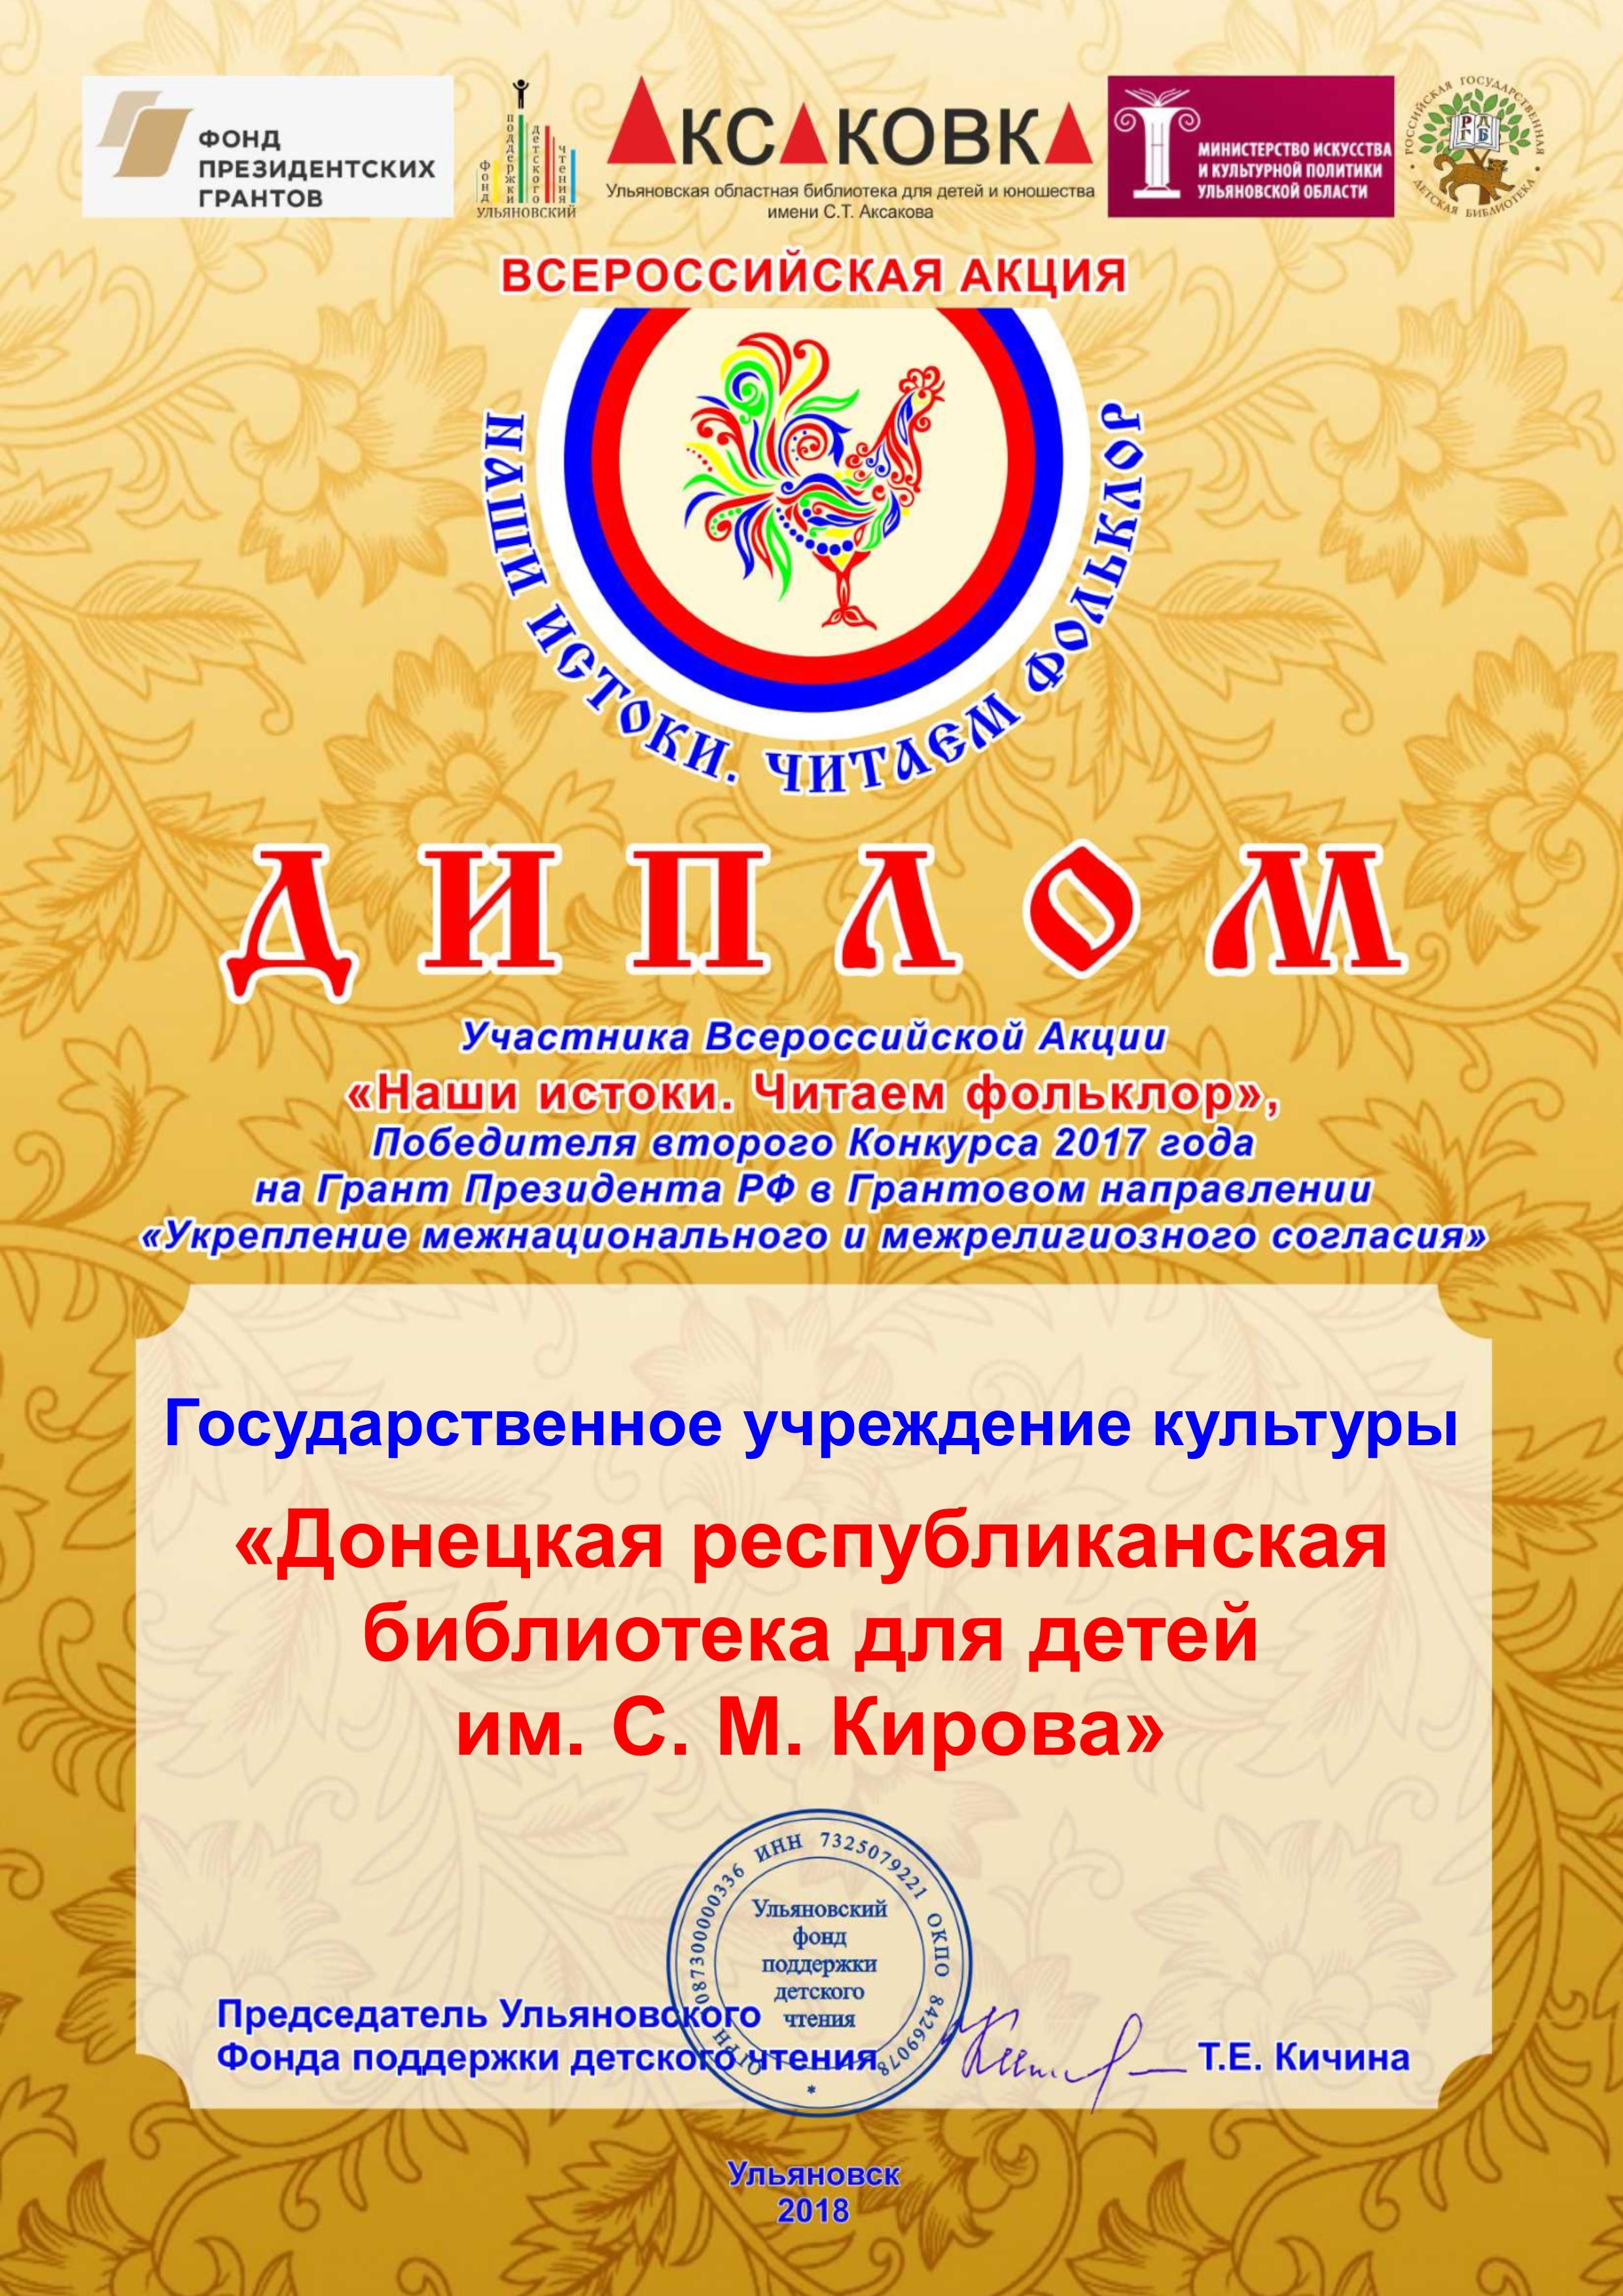 международное сотрудничество, всероссийская акция читаем фольклор, донецкая республиканская библиотека для детей, ульяновская областная библиотека для детей и юношества